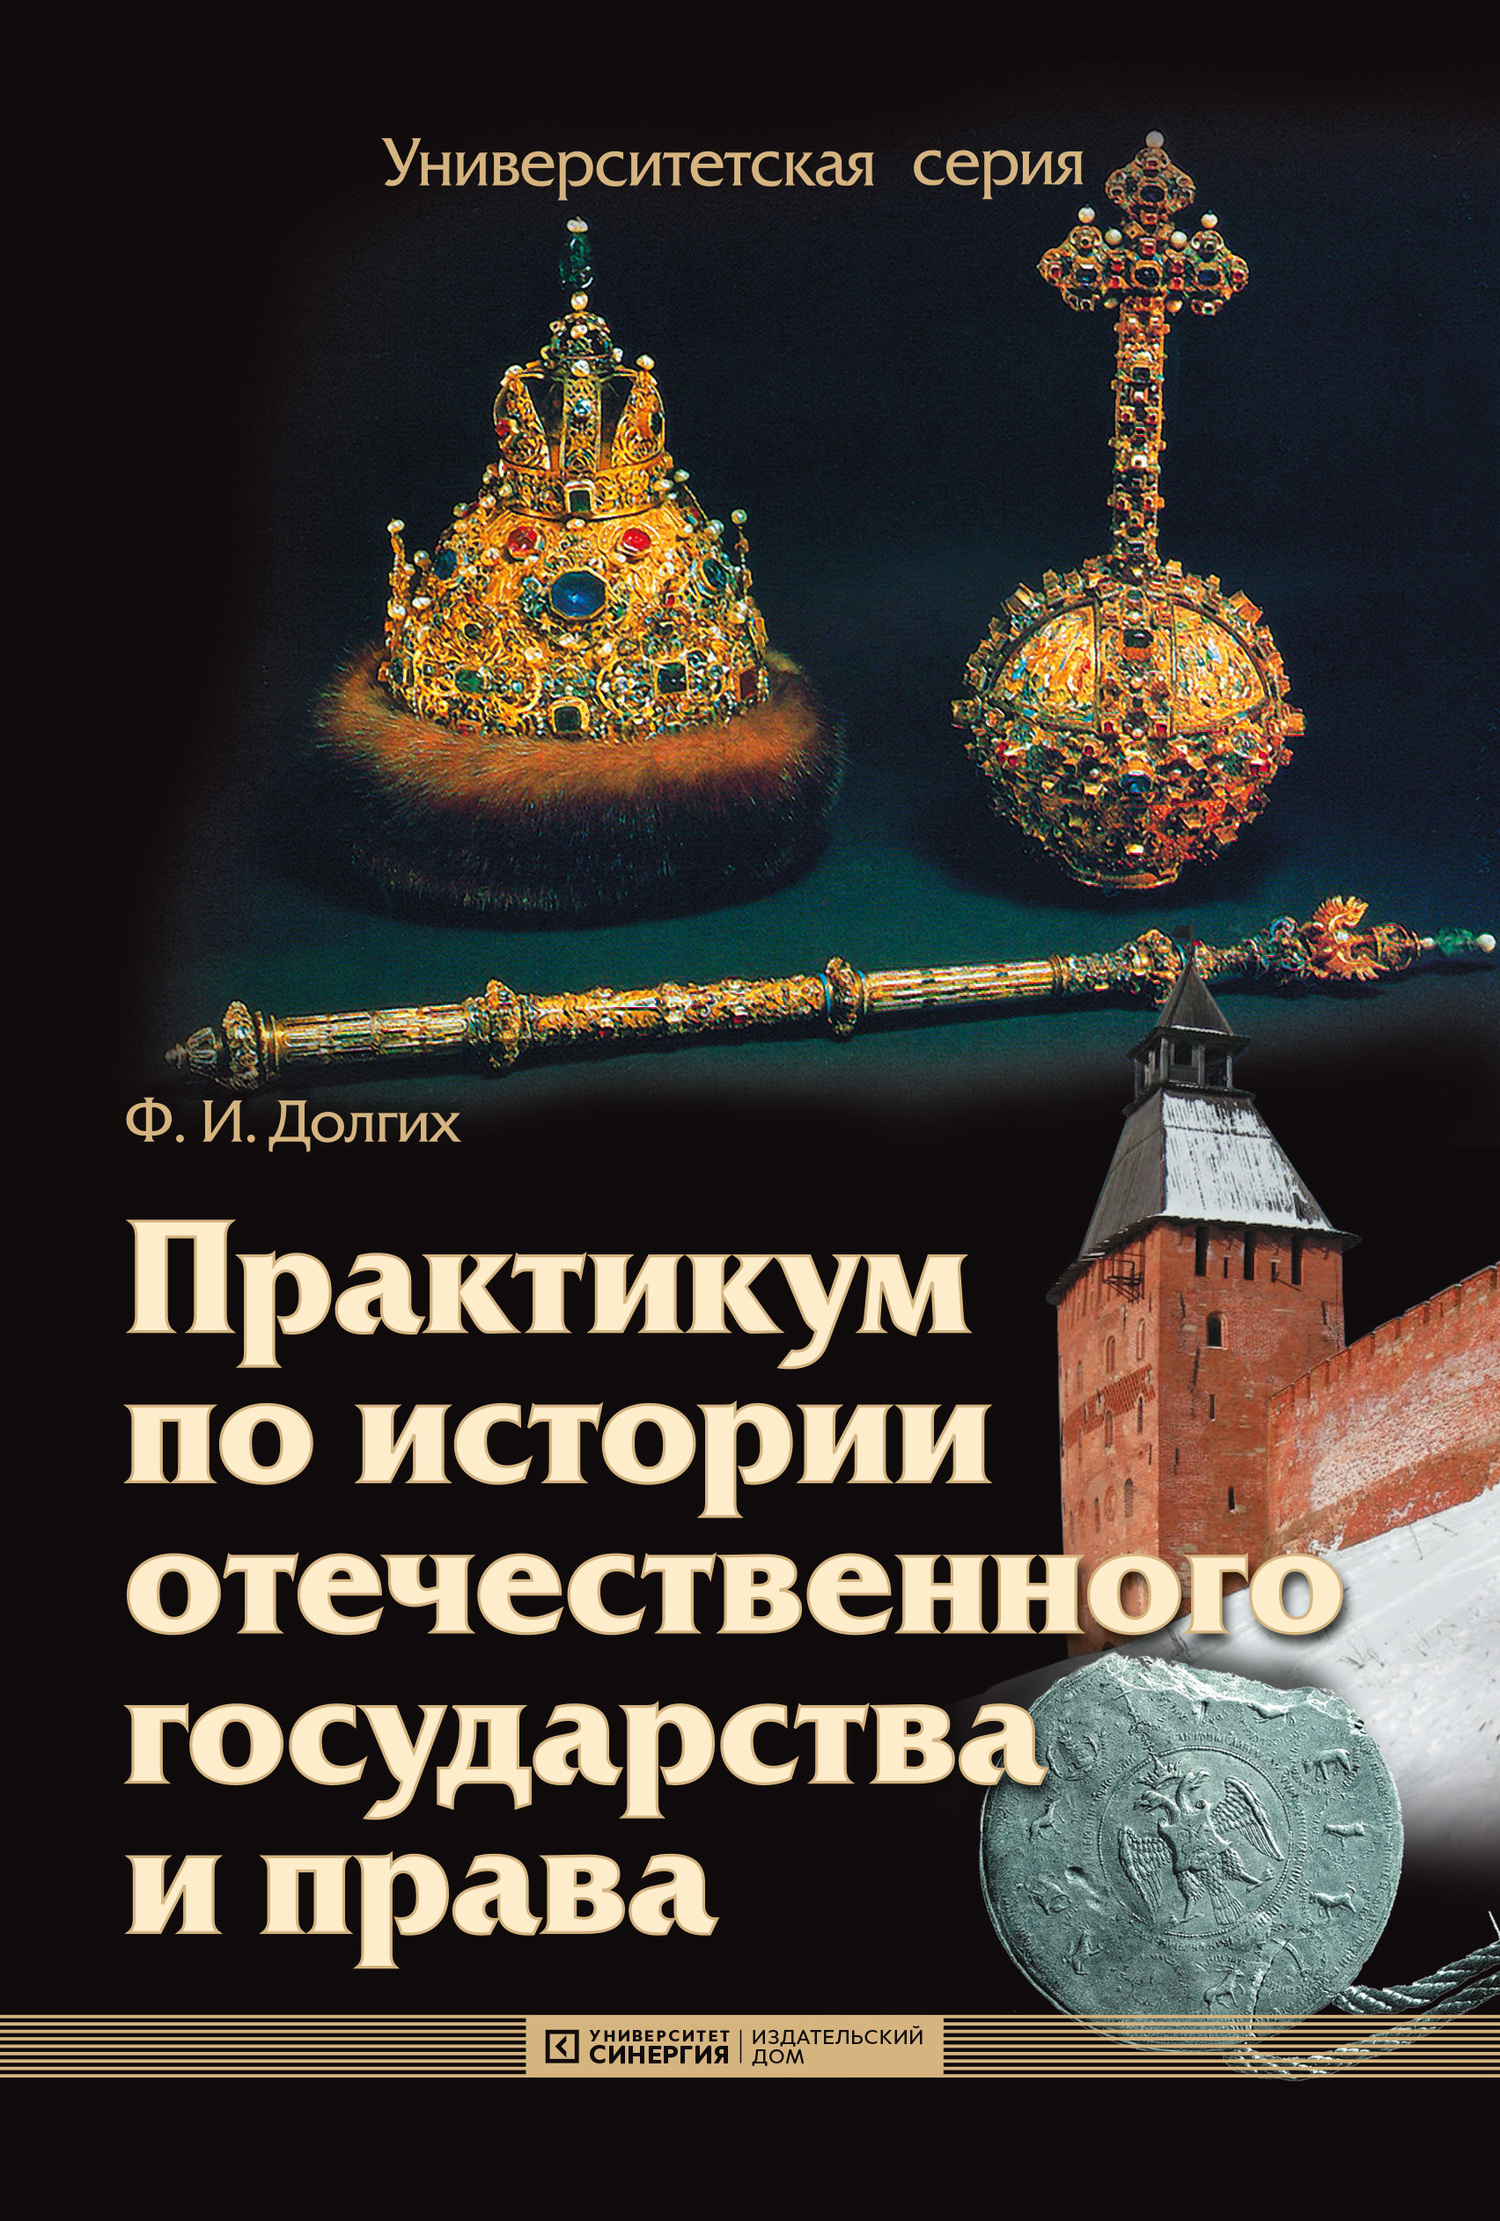 Скачать Практикум по истории отечественного государства и права быстро